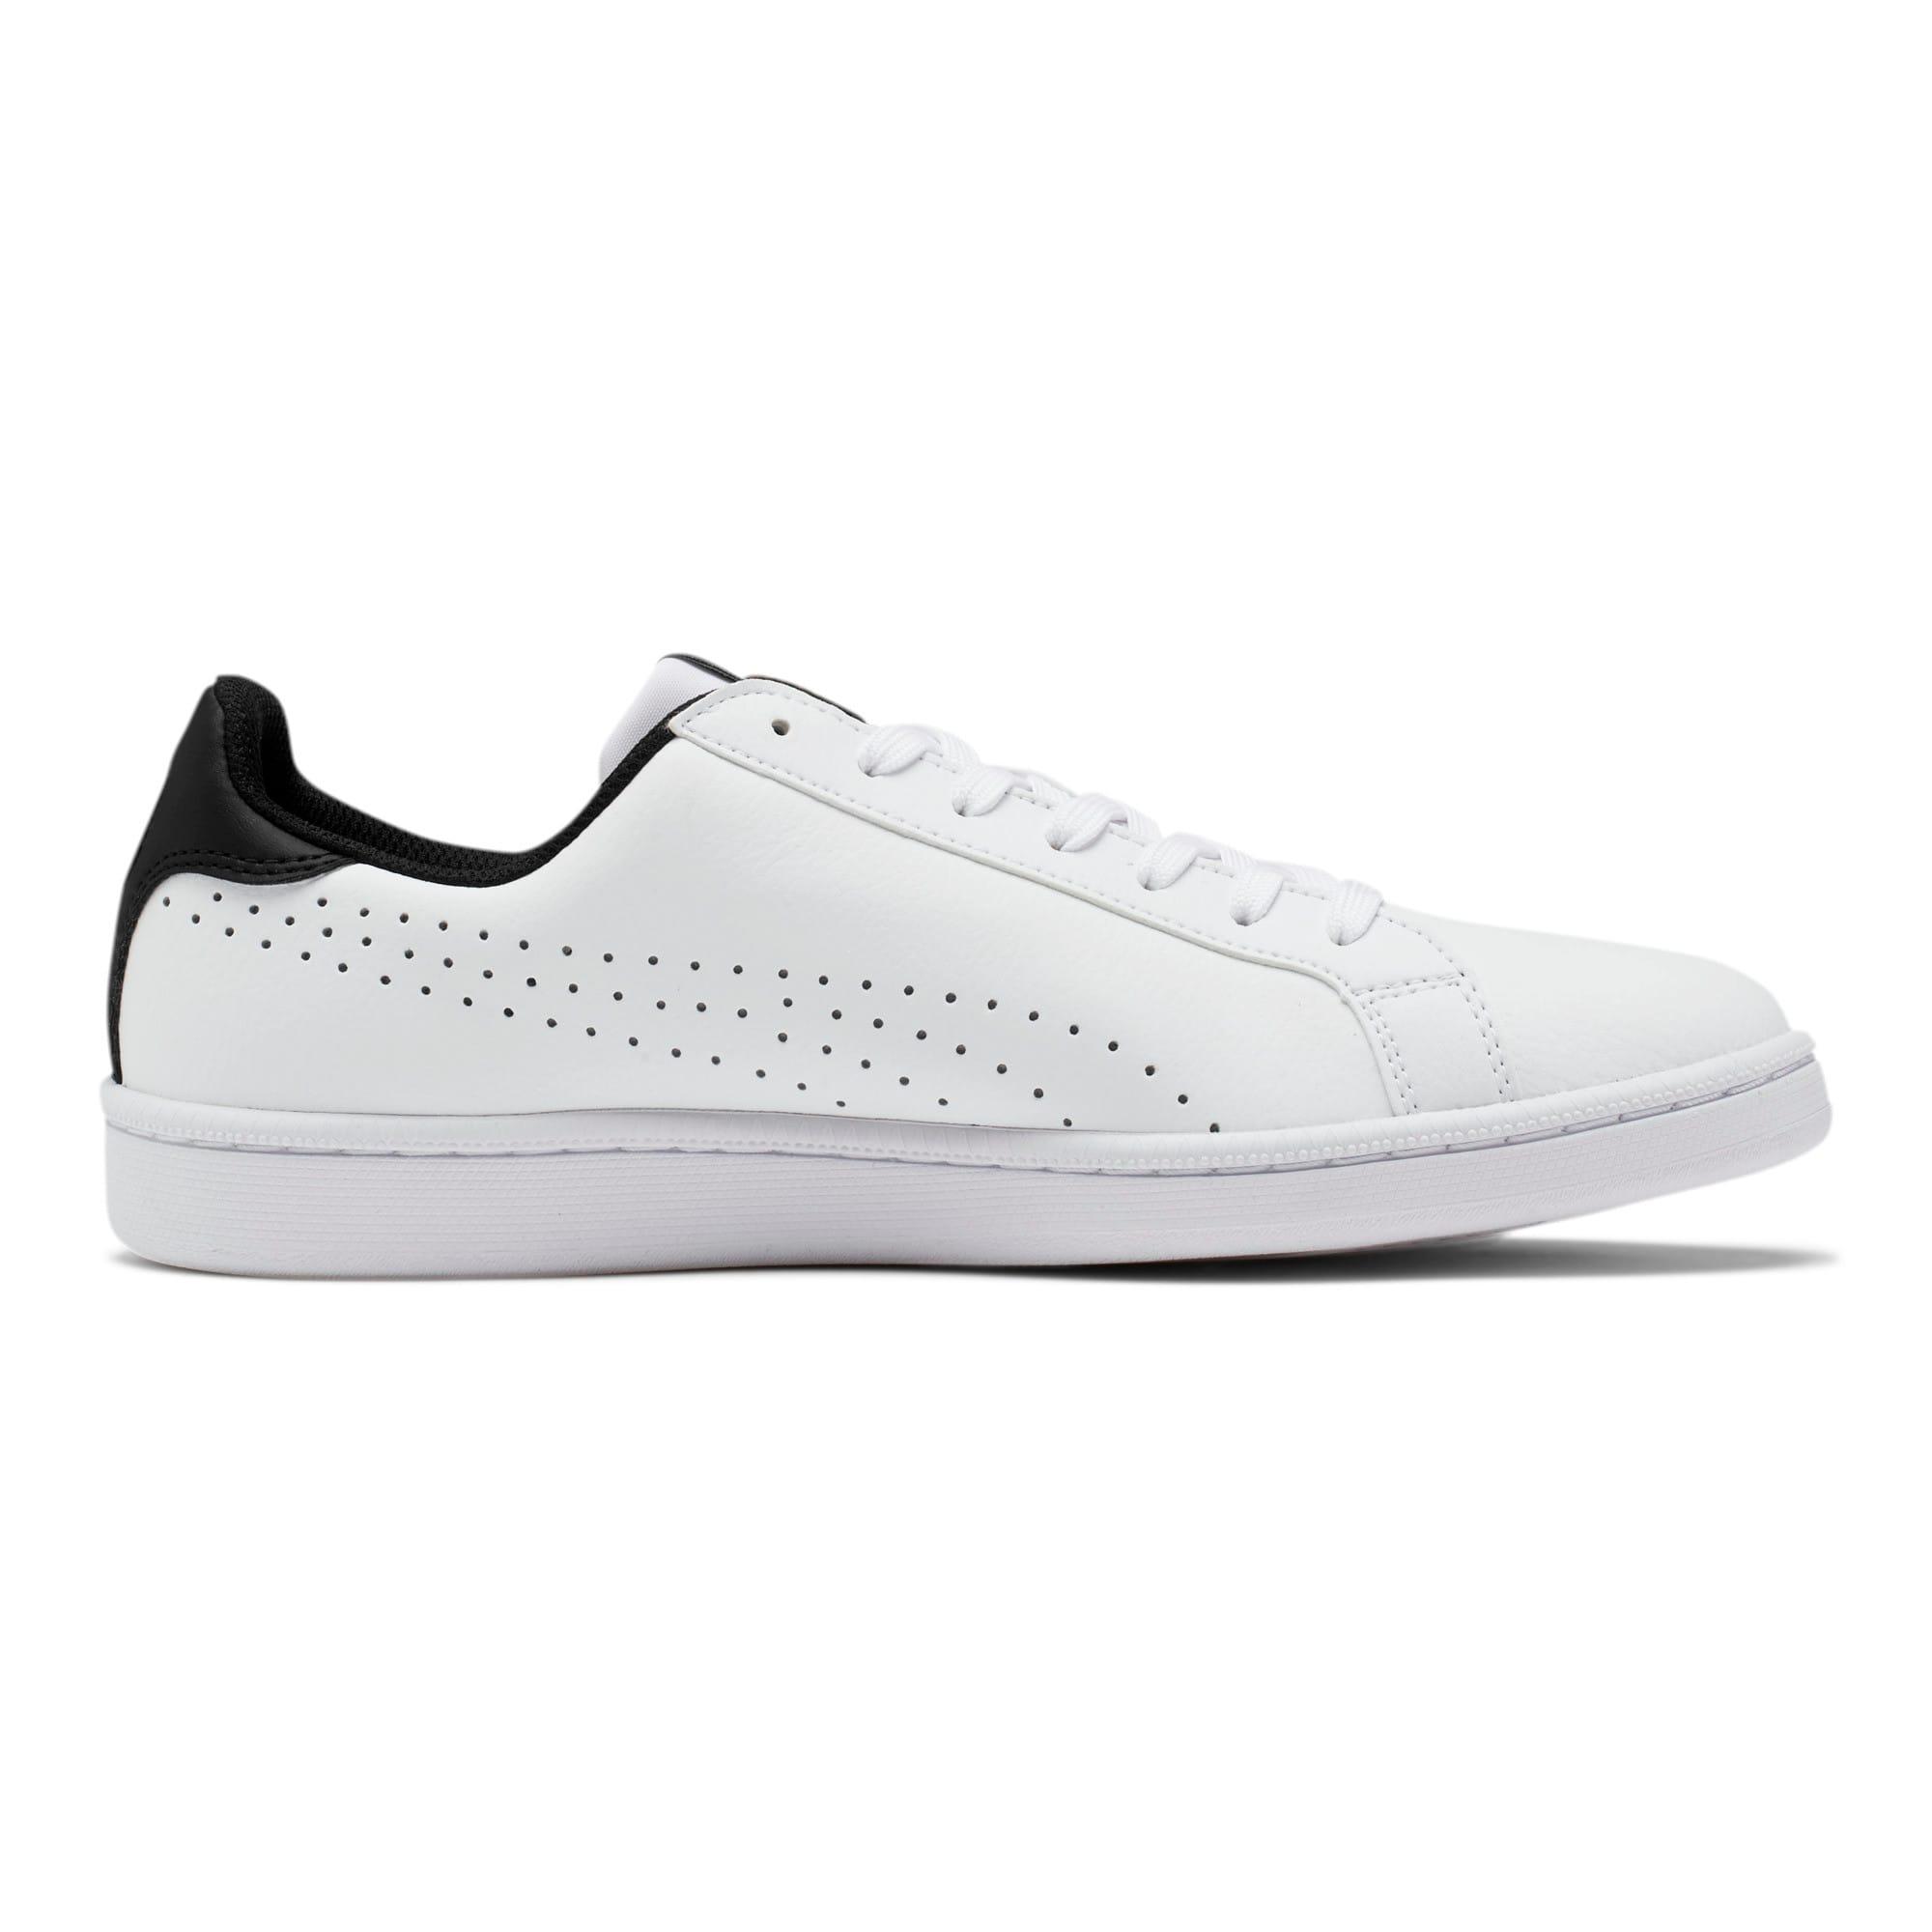 Thumbnail 5 of PUMA Smash Perf Sneakers, Puma White-Puma Black, medium